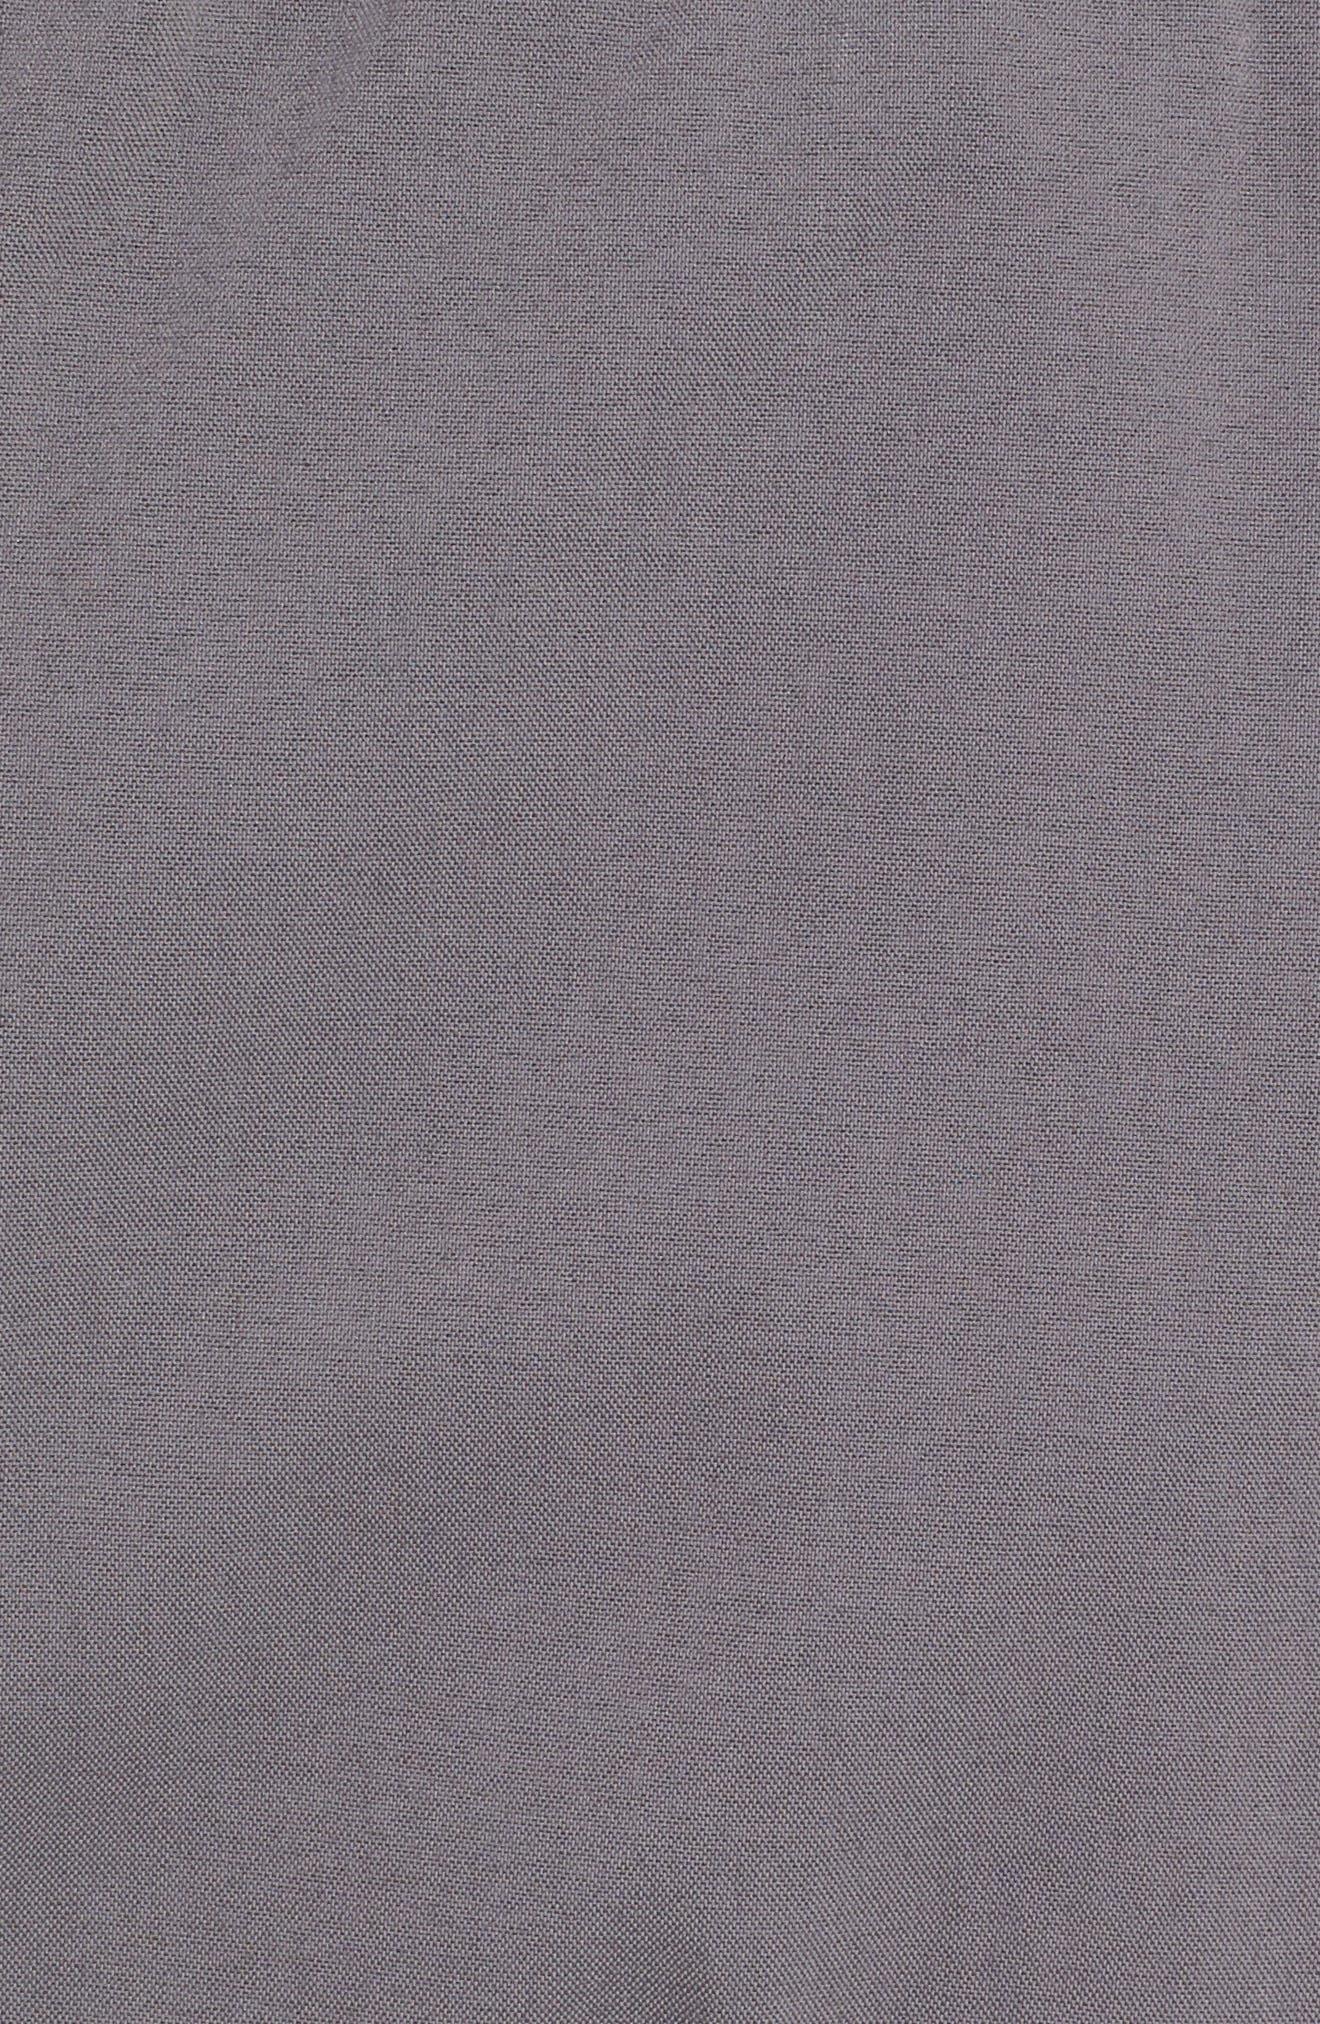 NSW Air Force 1 Lounge Pants,                             Alternate thumbnail 5, color,                             GUNSMOKE/ GREY/ OREWOOD